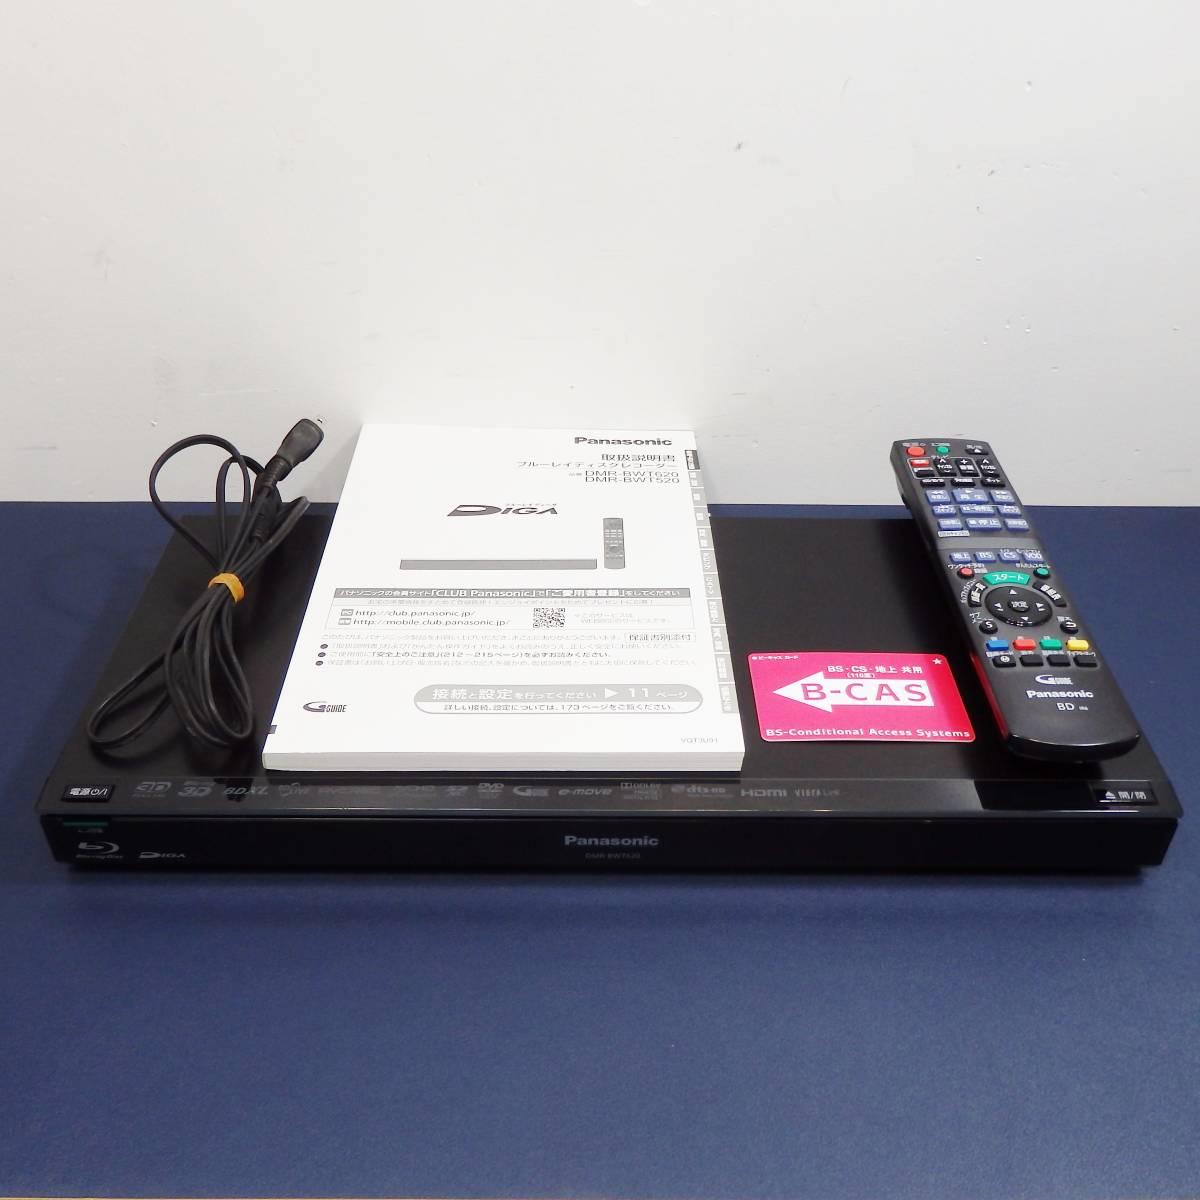 中古良品♪ Panasonic HDD & Blu-ray DIGA 1TB DMR-BWT620 12年製 パナソニック 2チューナー DVD ブルーレイ レコーダー 純正リモコン